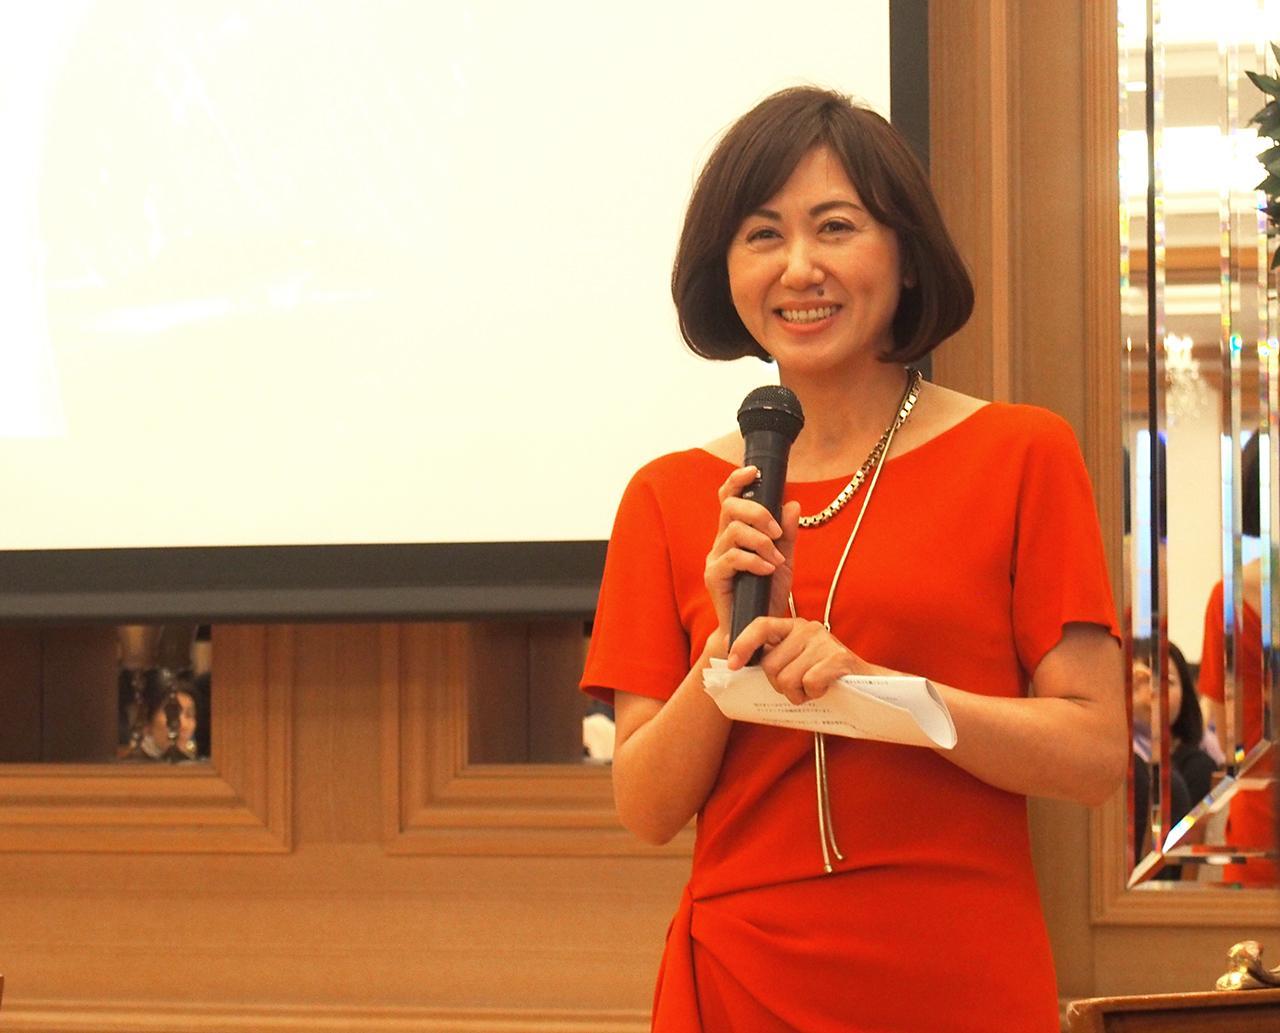 画像: スキンケアコスメブランド「マナラ」を開発・販売する株式会社ランクアップの岩崎裕美子代表取締役社長。スタッフの皆さんと揃えられた「赤」のドレスで華やかな発表会に。